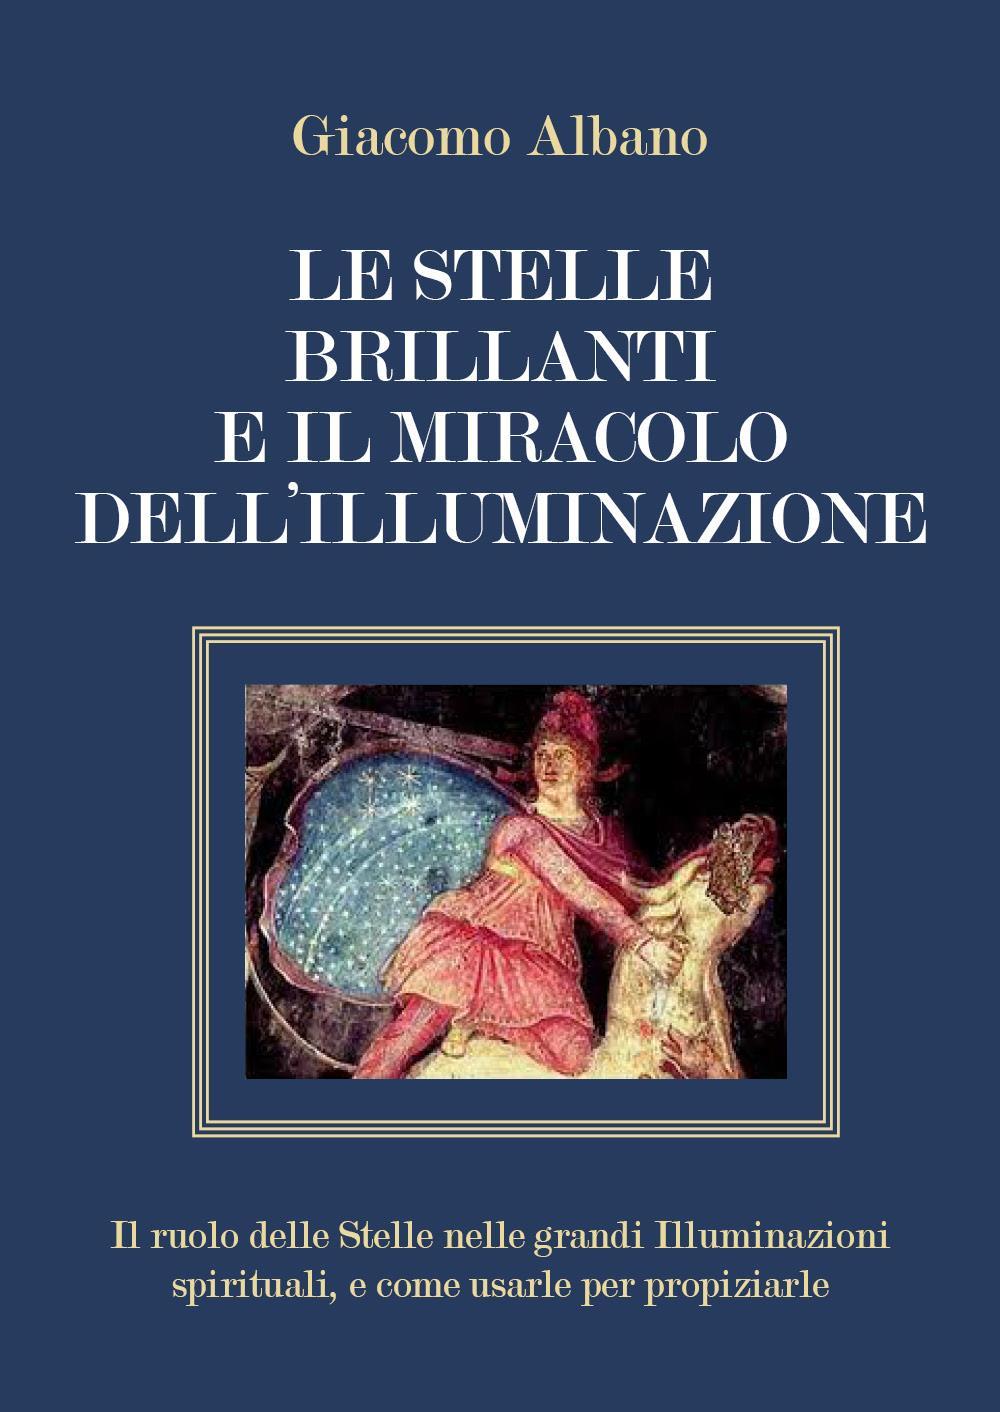 LE STELLE BRILLANTI E IL MIRACOLO DELL'ILLUMINAZIONE  Il ruolo delle Stelle nelle grandi Illuminazioni spirituali, e come usarle per propiziarle